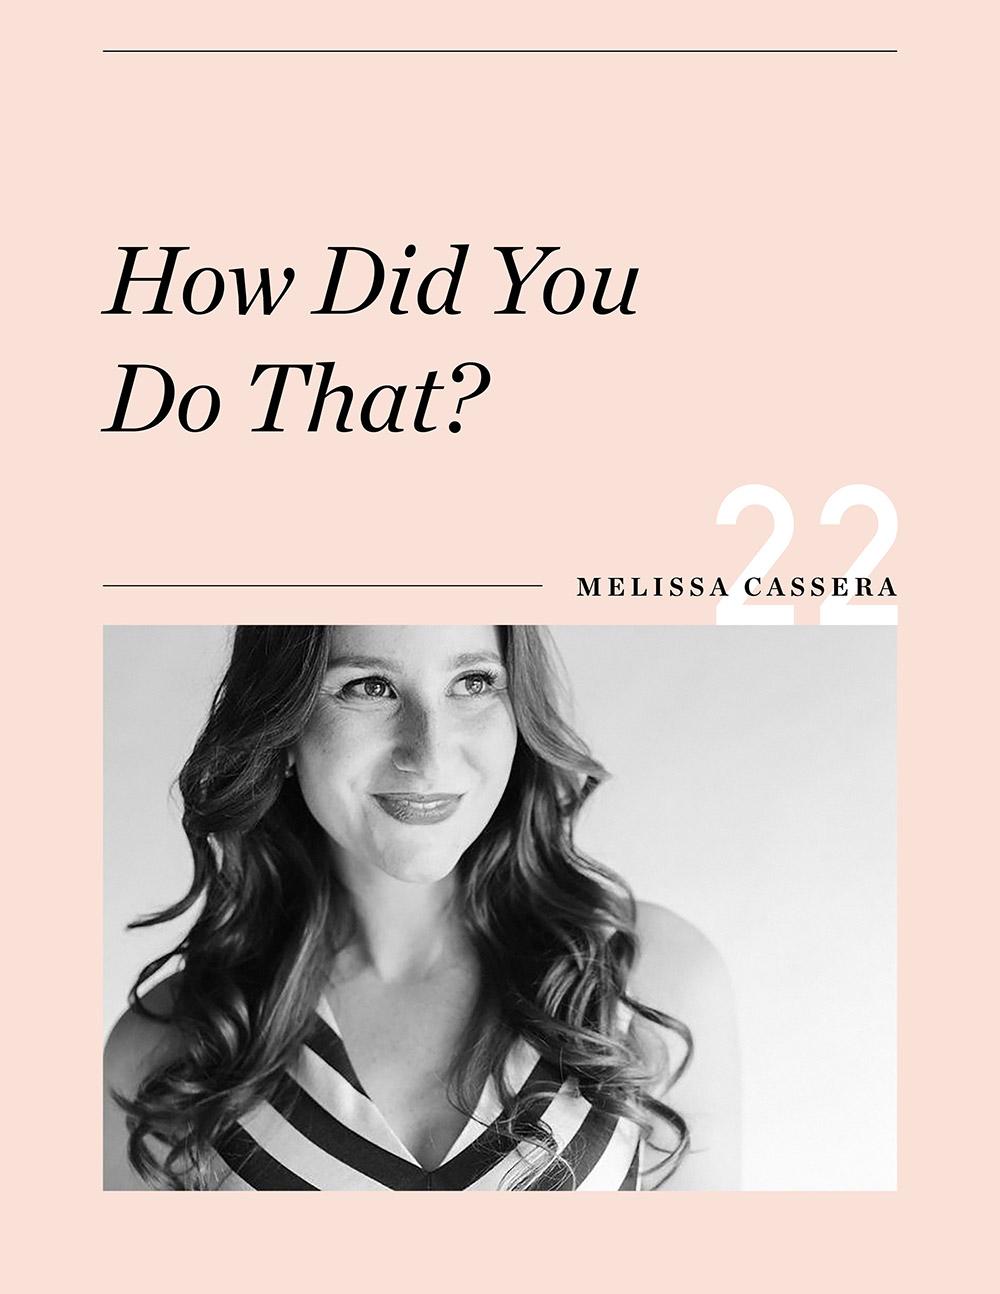 Ellen Fondiler | An Interview with Melissa Cassera